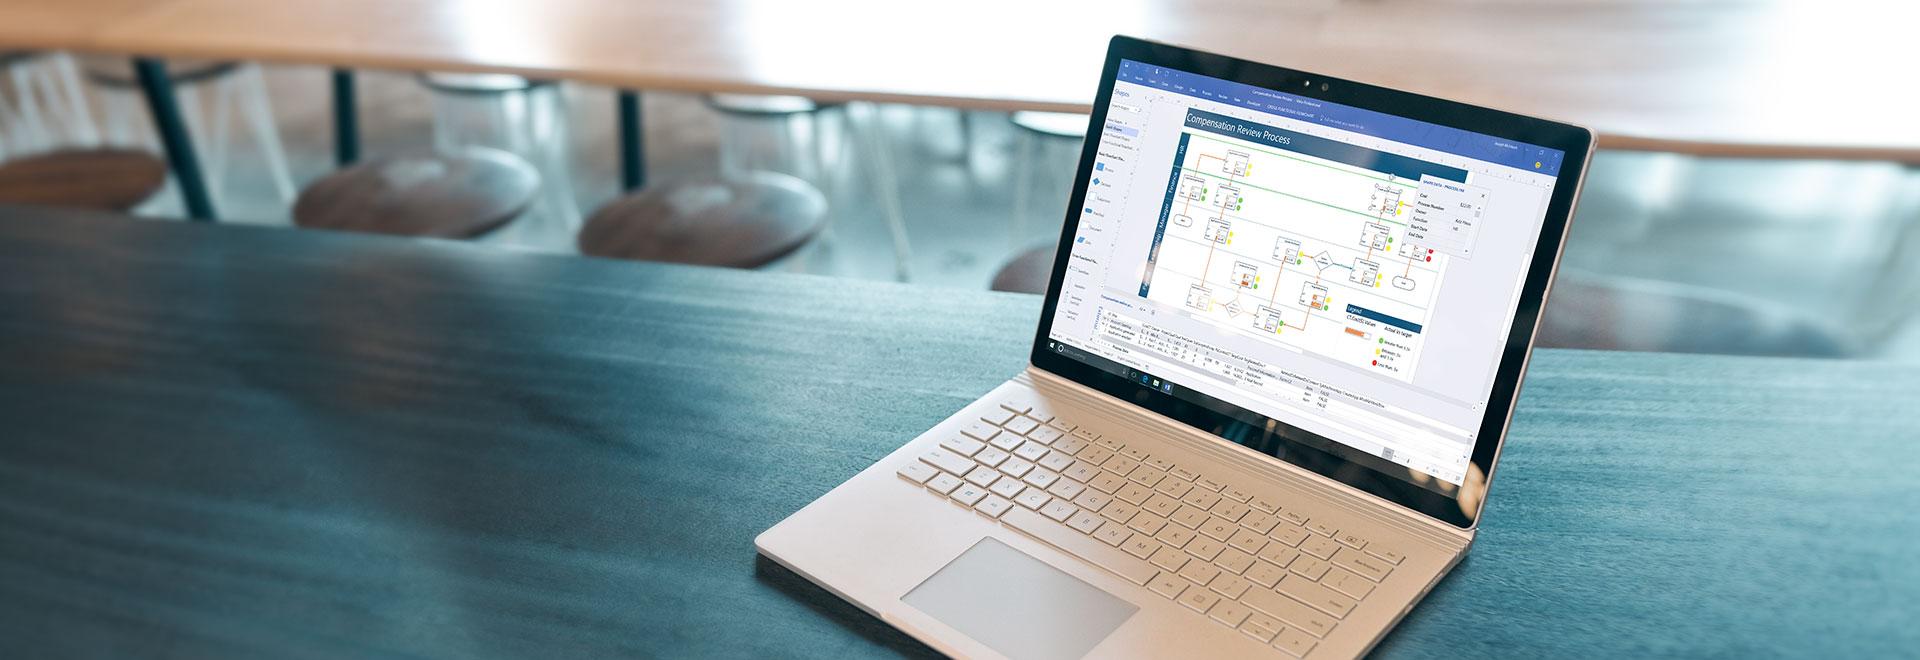 Máy tính xách tay đang hiển thị sơ đồ quy trình công việc trong Visio